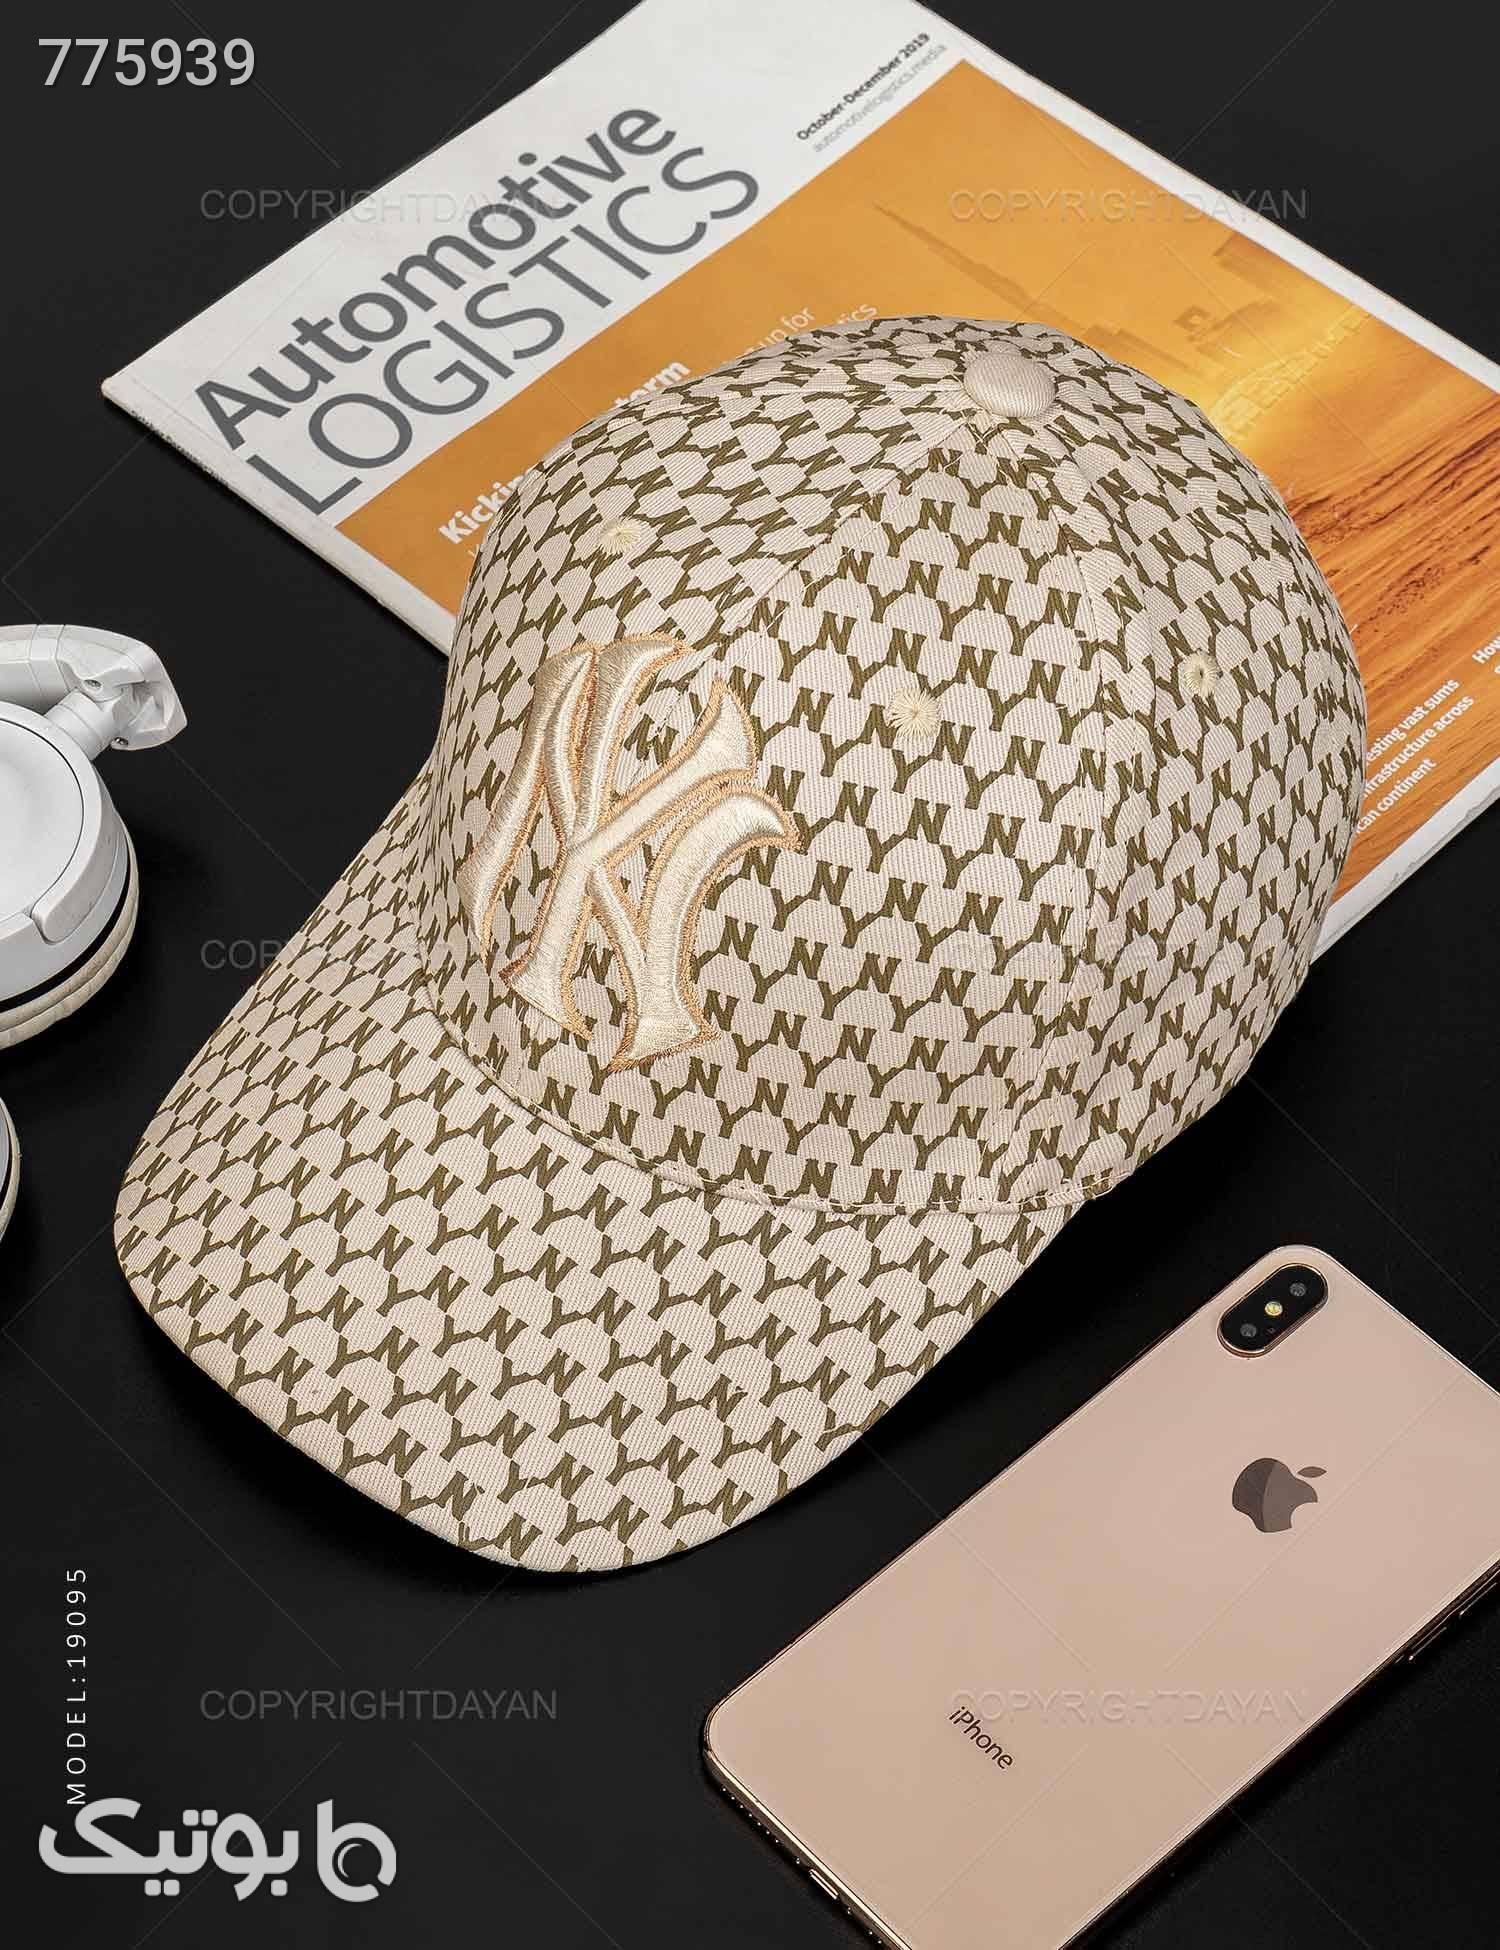 کلاه کپ New York مدل 19095 کرم کلاه و اسکارف